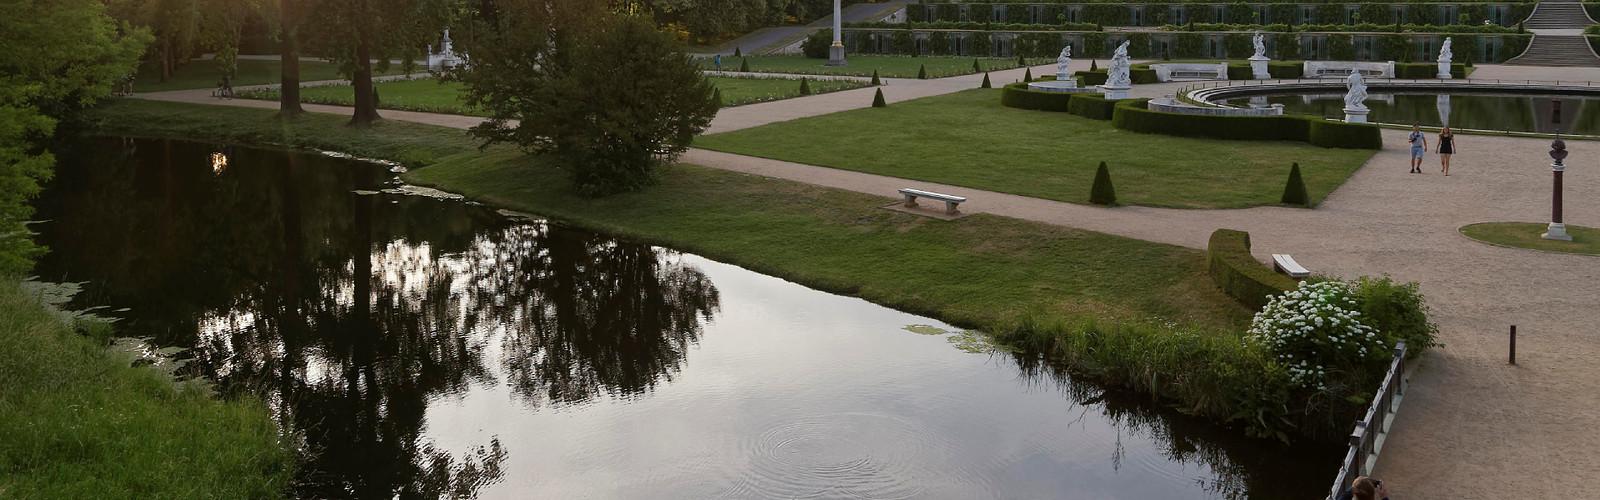 Statue im Park Sanssouci (C) SPSG PMSG André Stiebitz